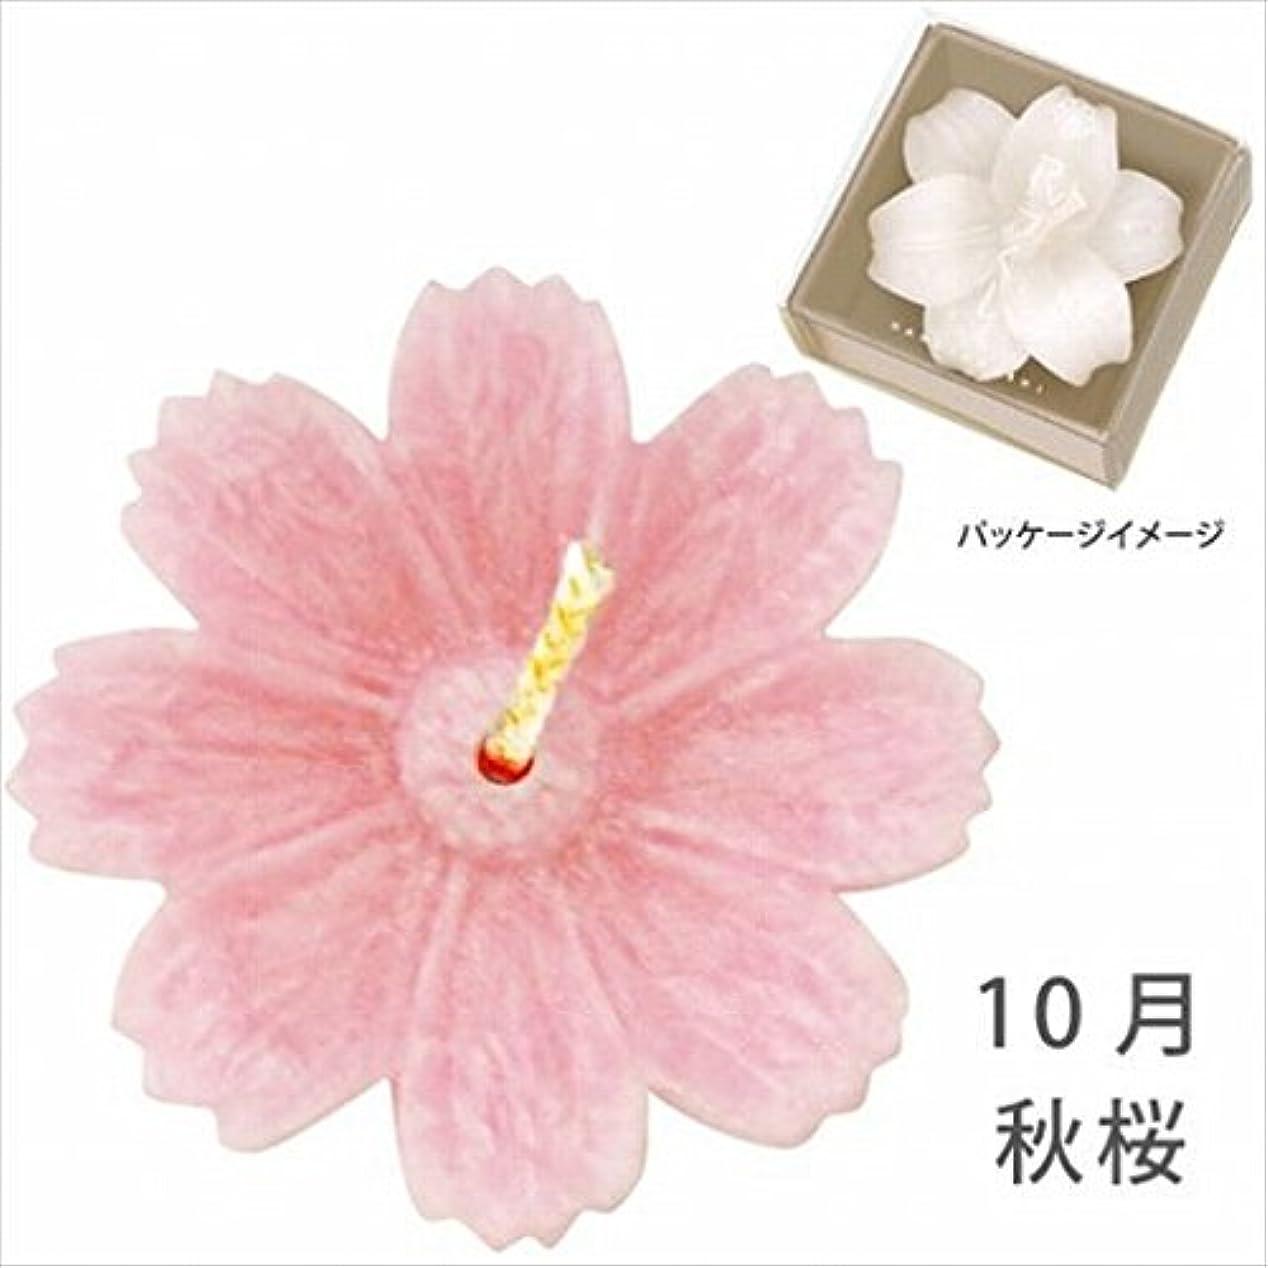 ロッド余計なシネウィカメヤマキャンドル(kameyama candle) 花づくし(植物性) 秋桜 「 秋桜(10月) 」 キャンドル